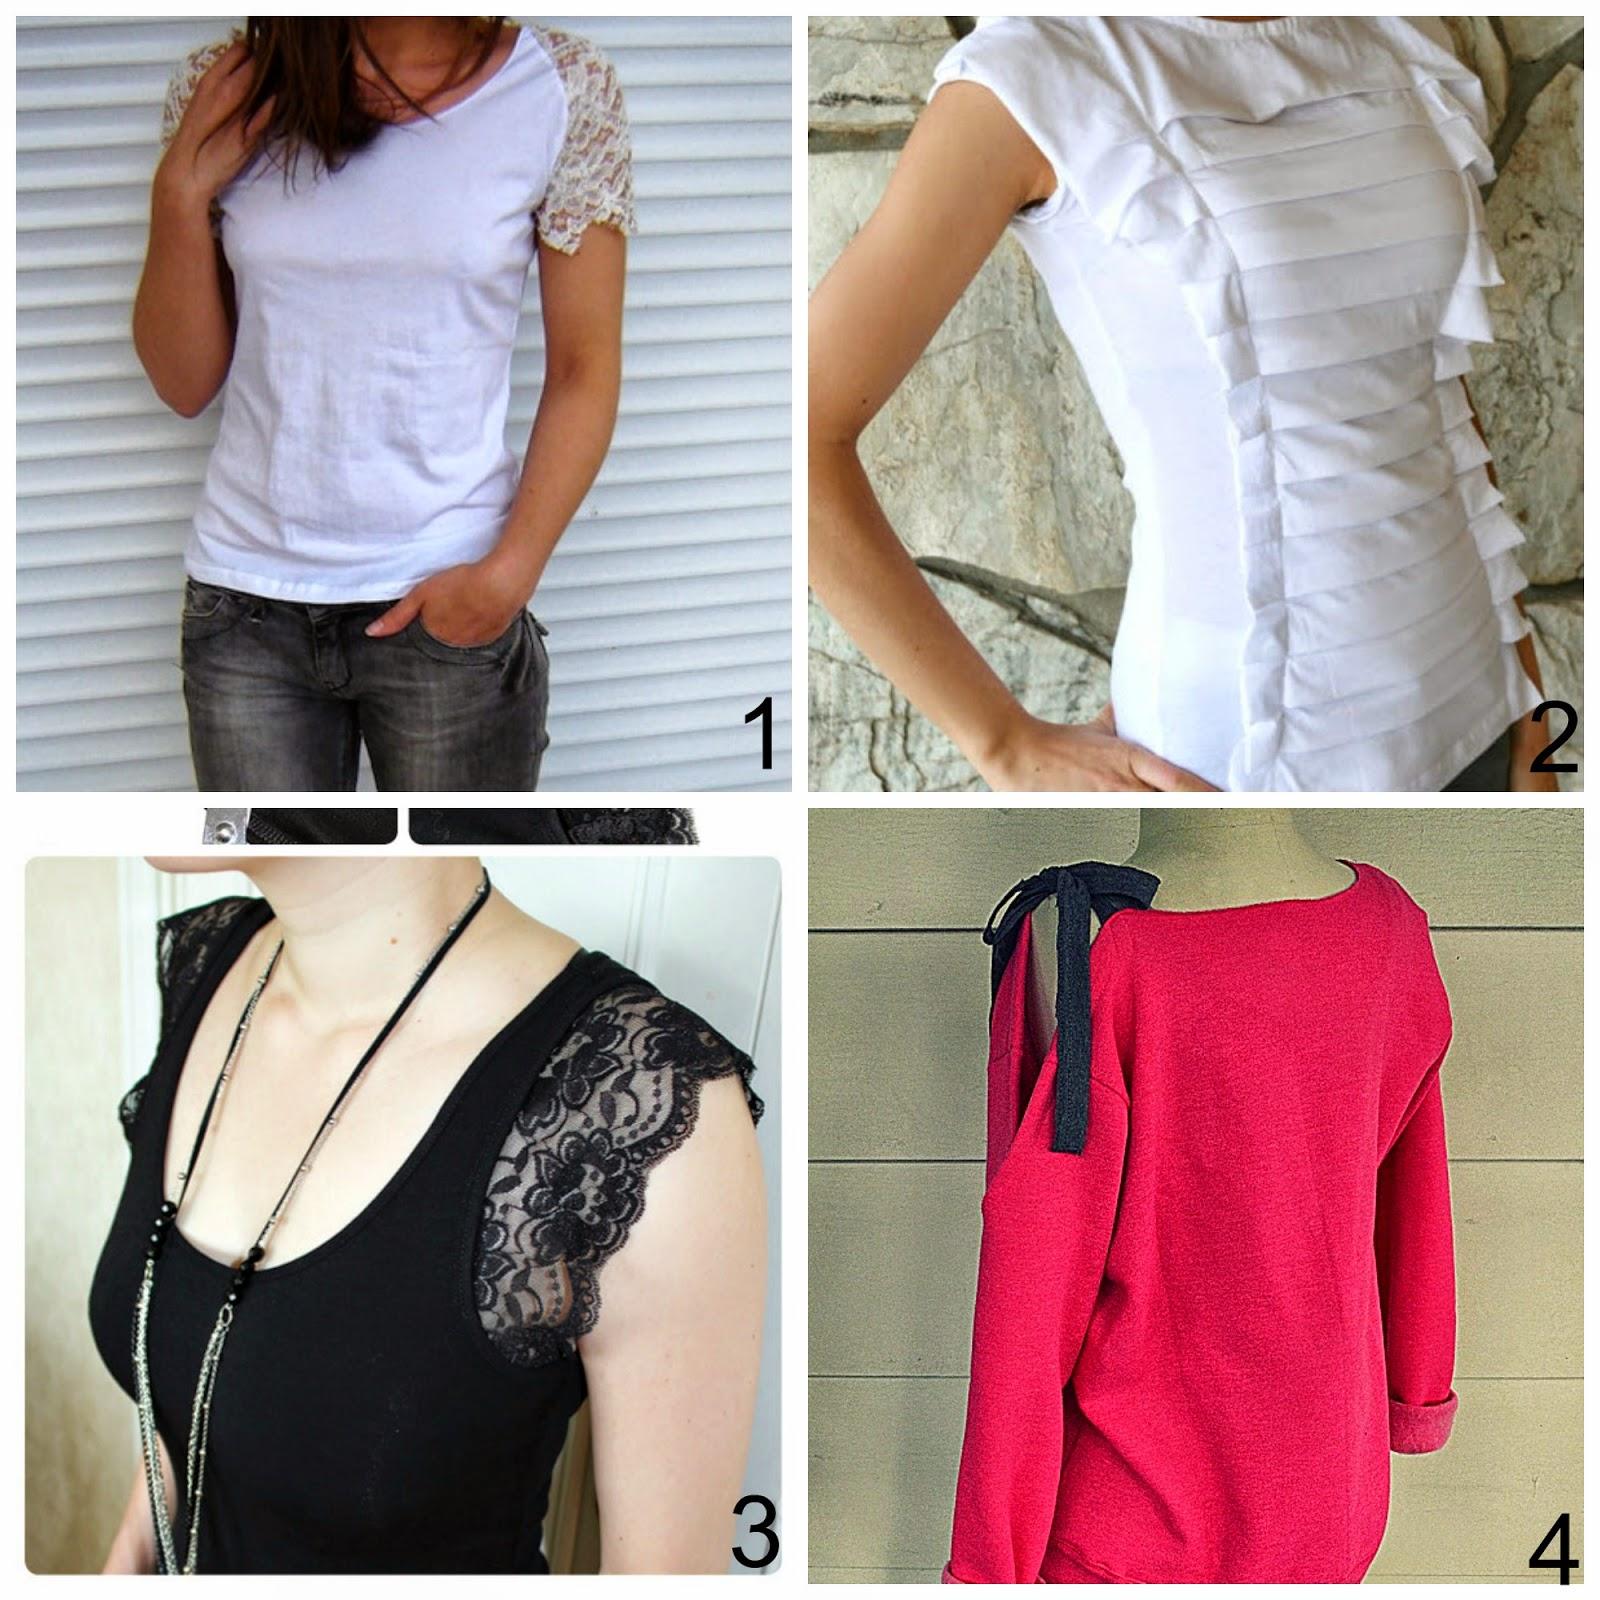 Ben noto Riciclo abbigliamento - Rifarsi il guardaroba a costo zero +60  HS89